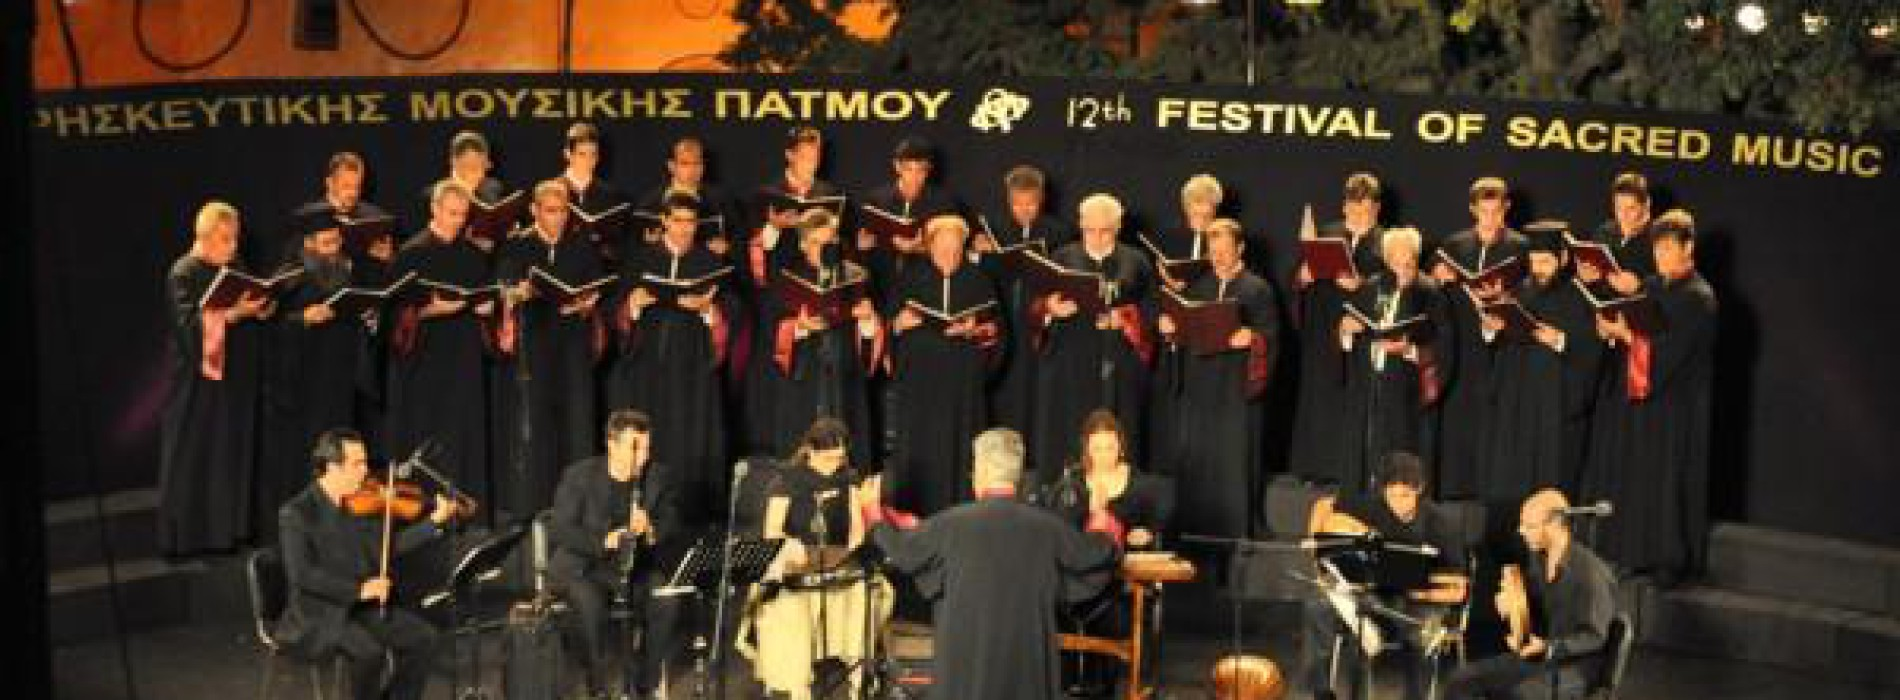 Dini Müzik Festivalı